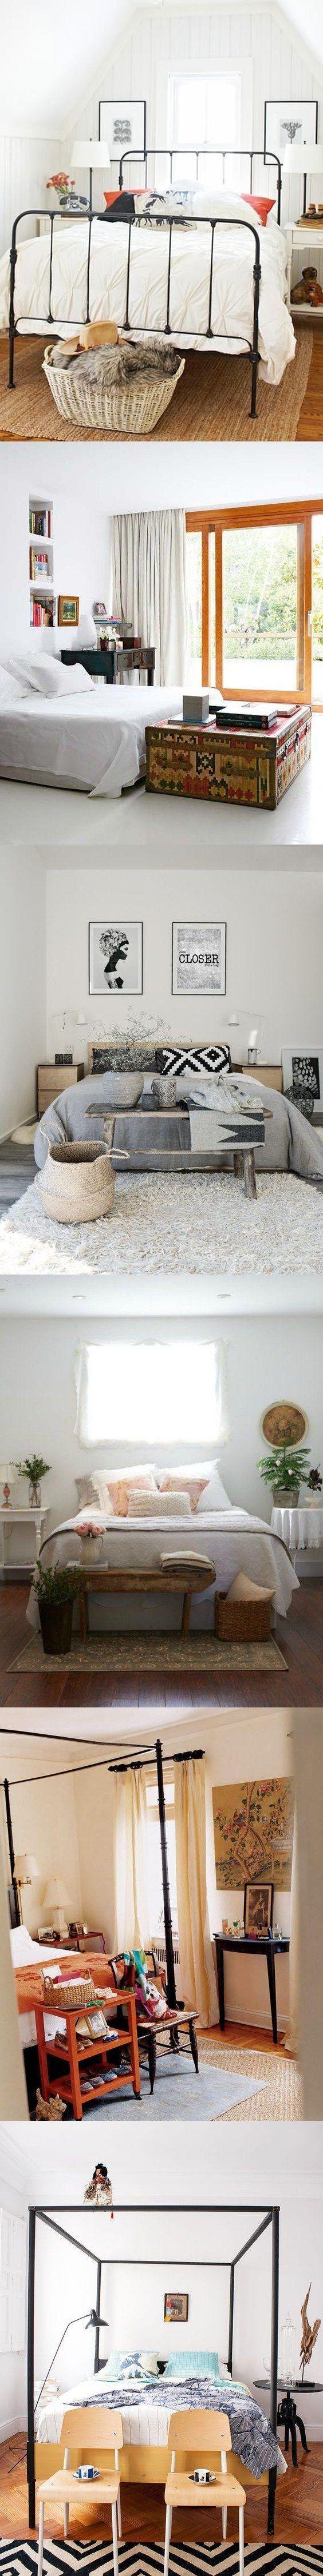 Decoración feng shui a los pies de la cama / http://www.facilisimo.com/blog-micasaesfeng